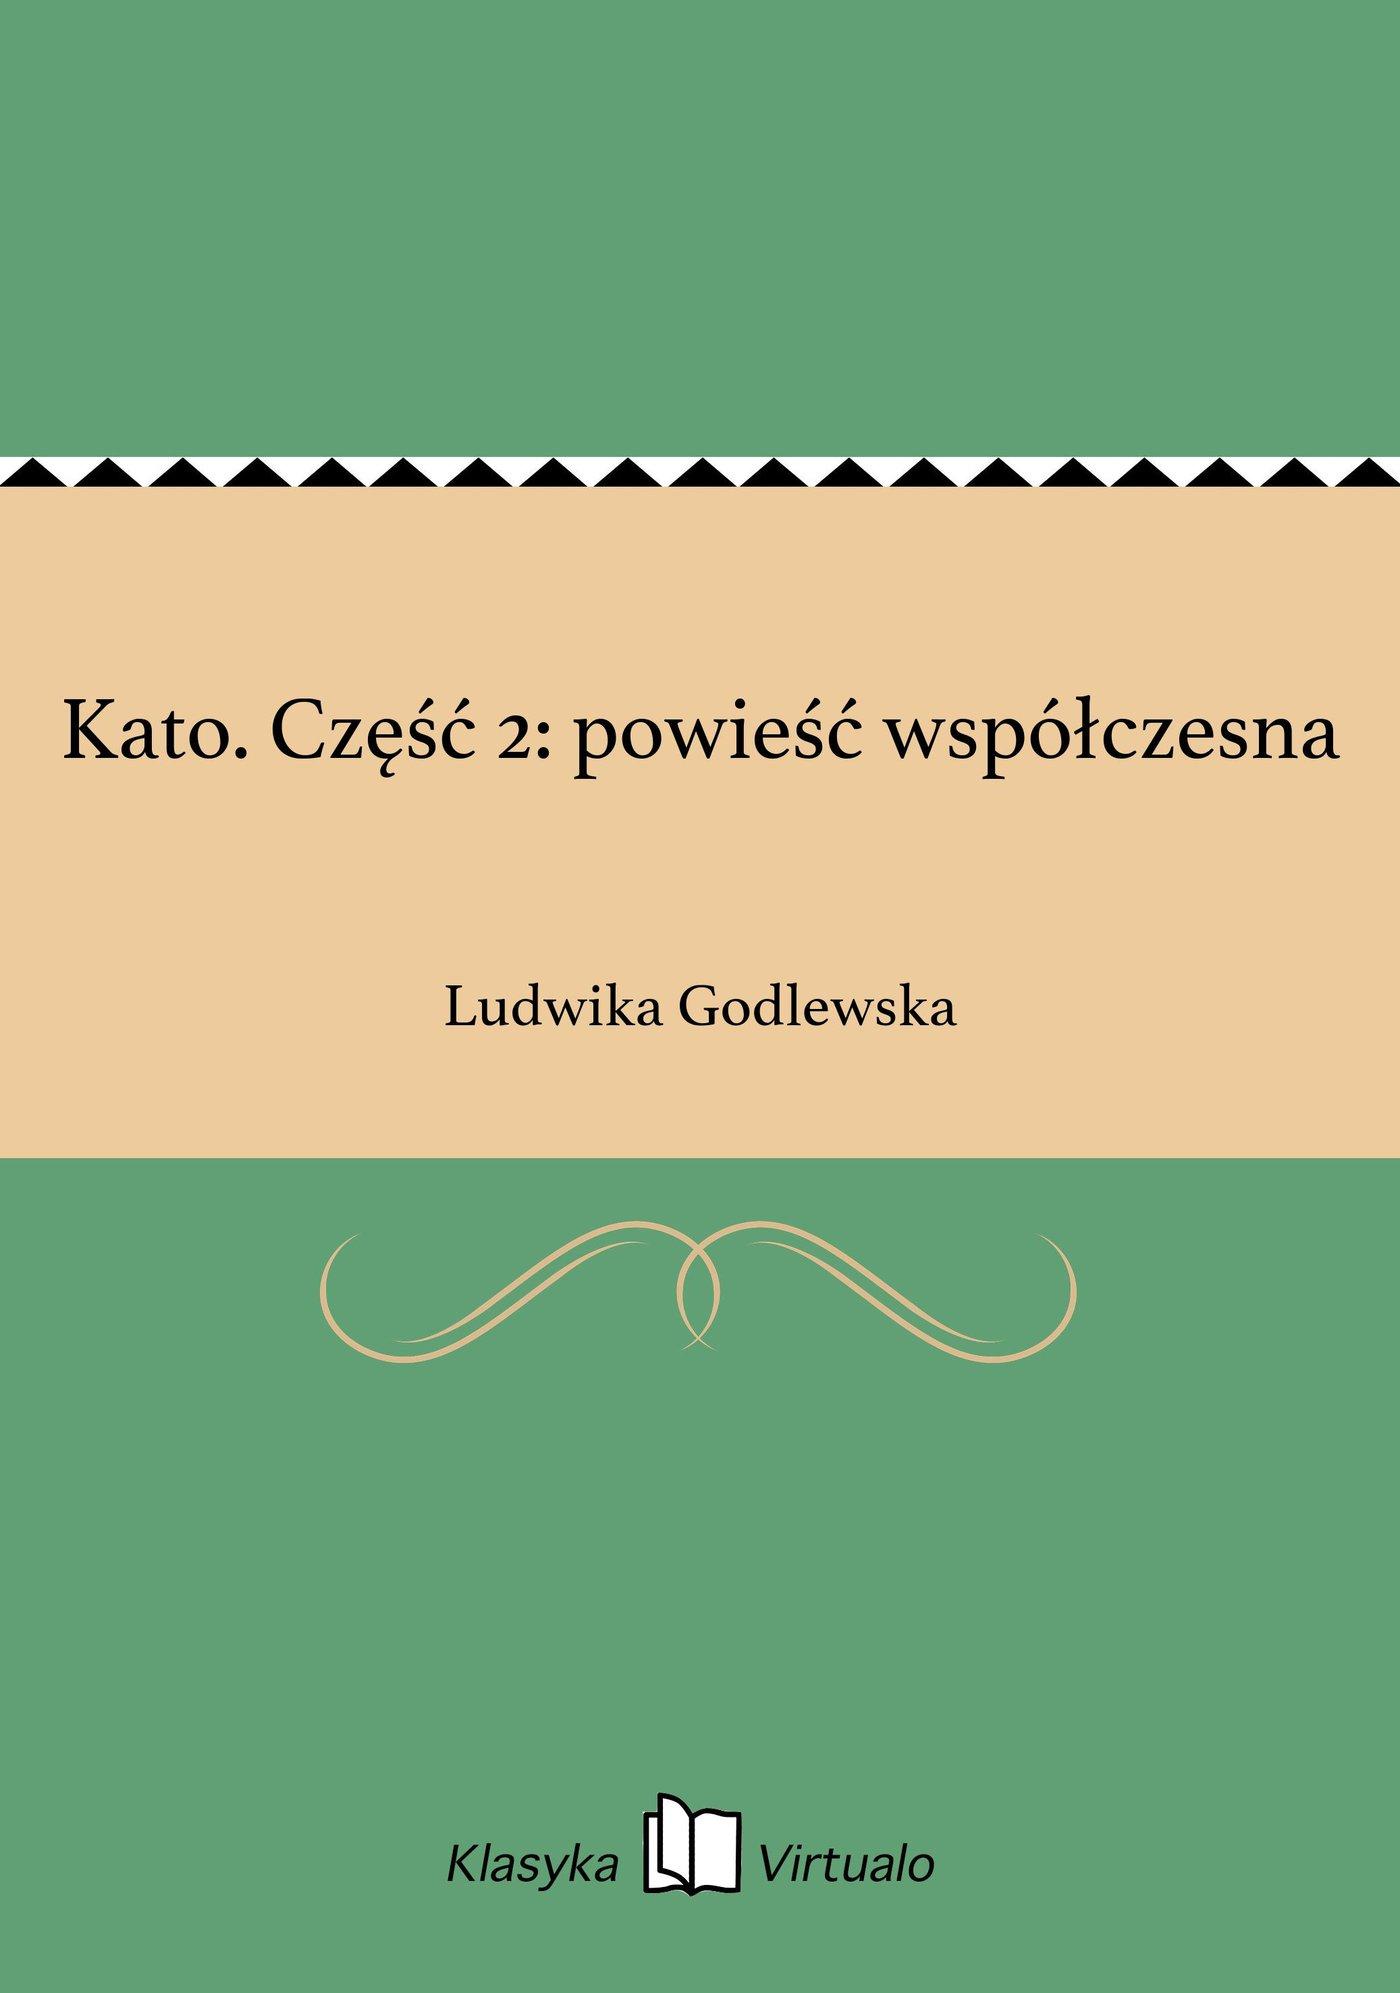 Kato. Część 2: powieść współczesna - Ebook (Książka na Kindle) do pobrania w formacie MOBI